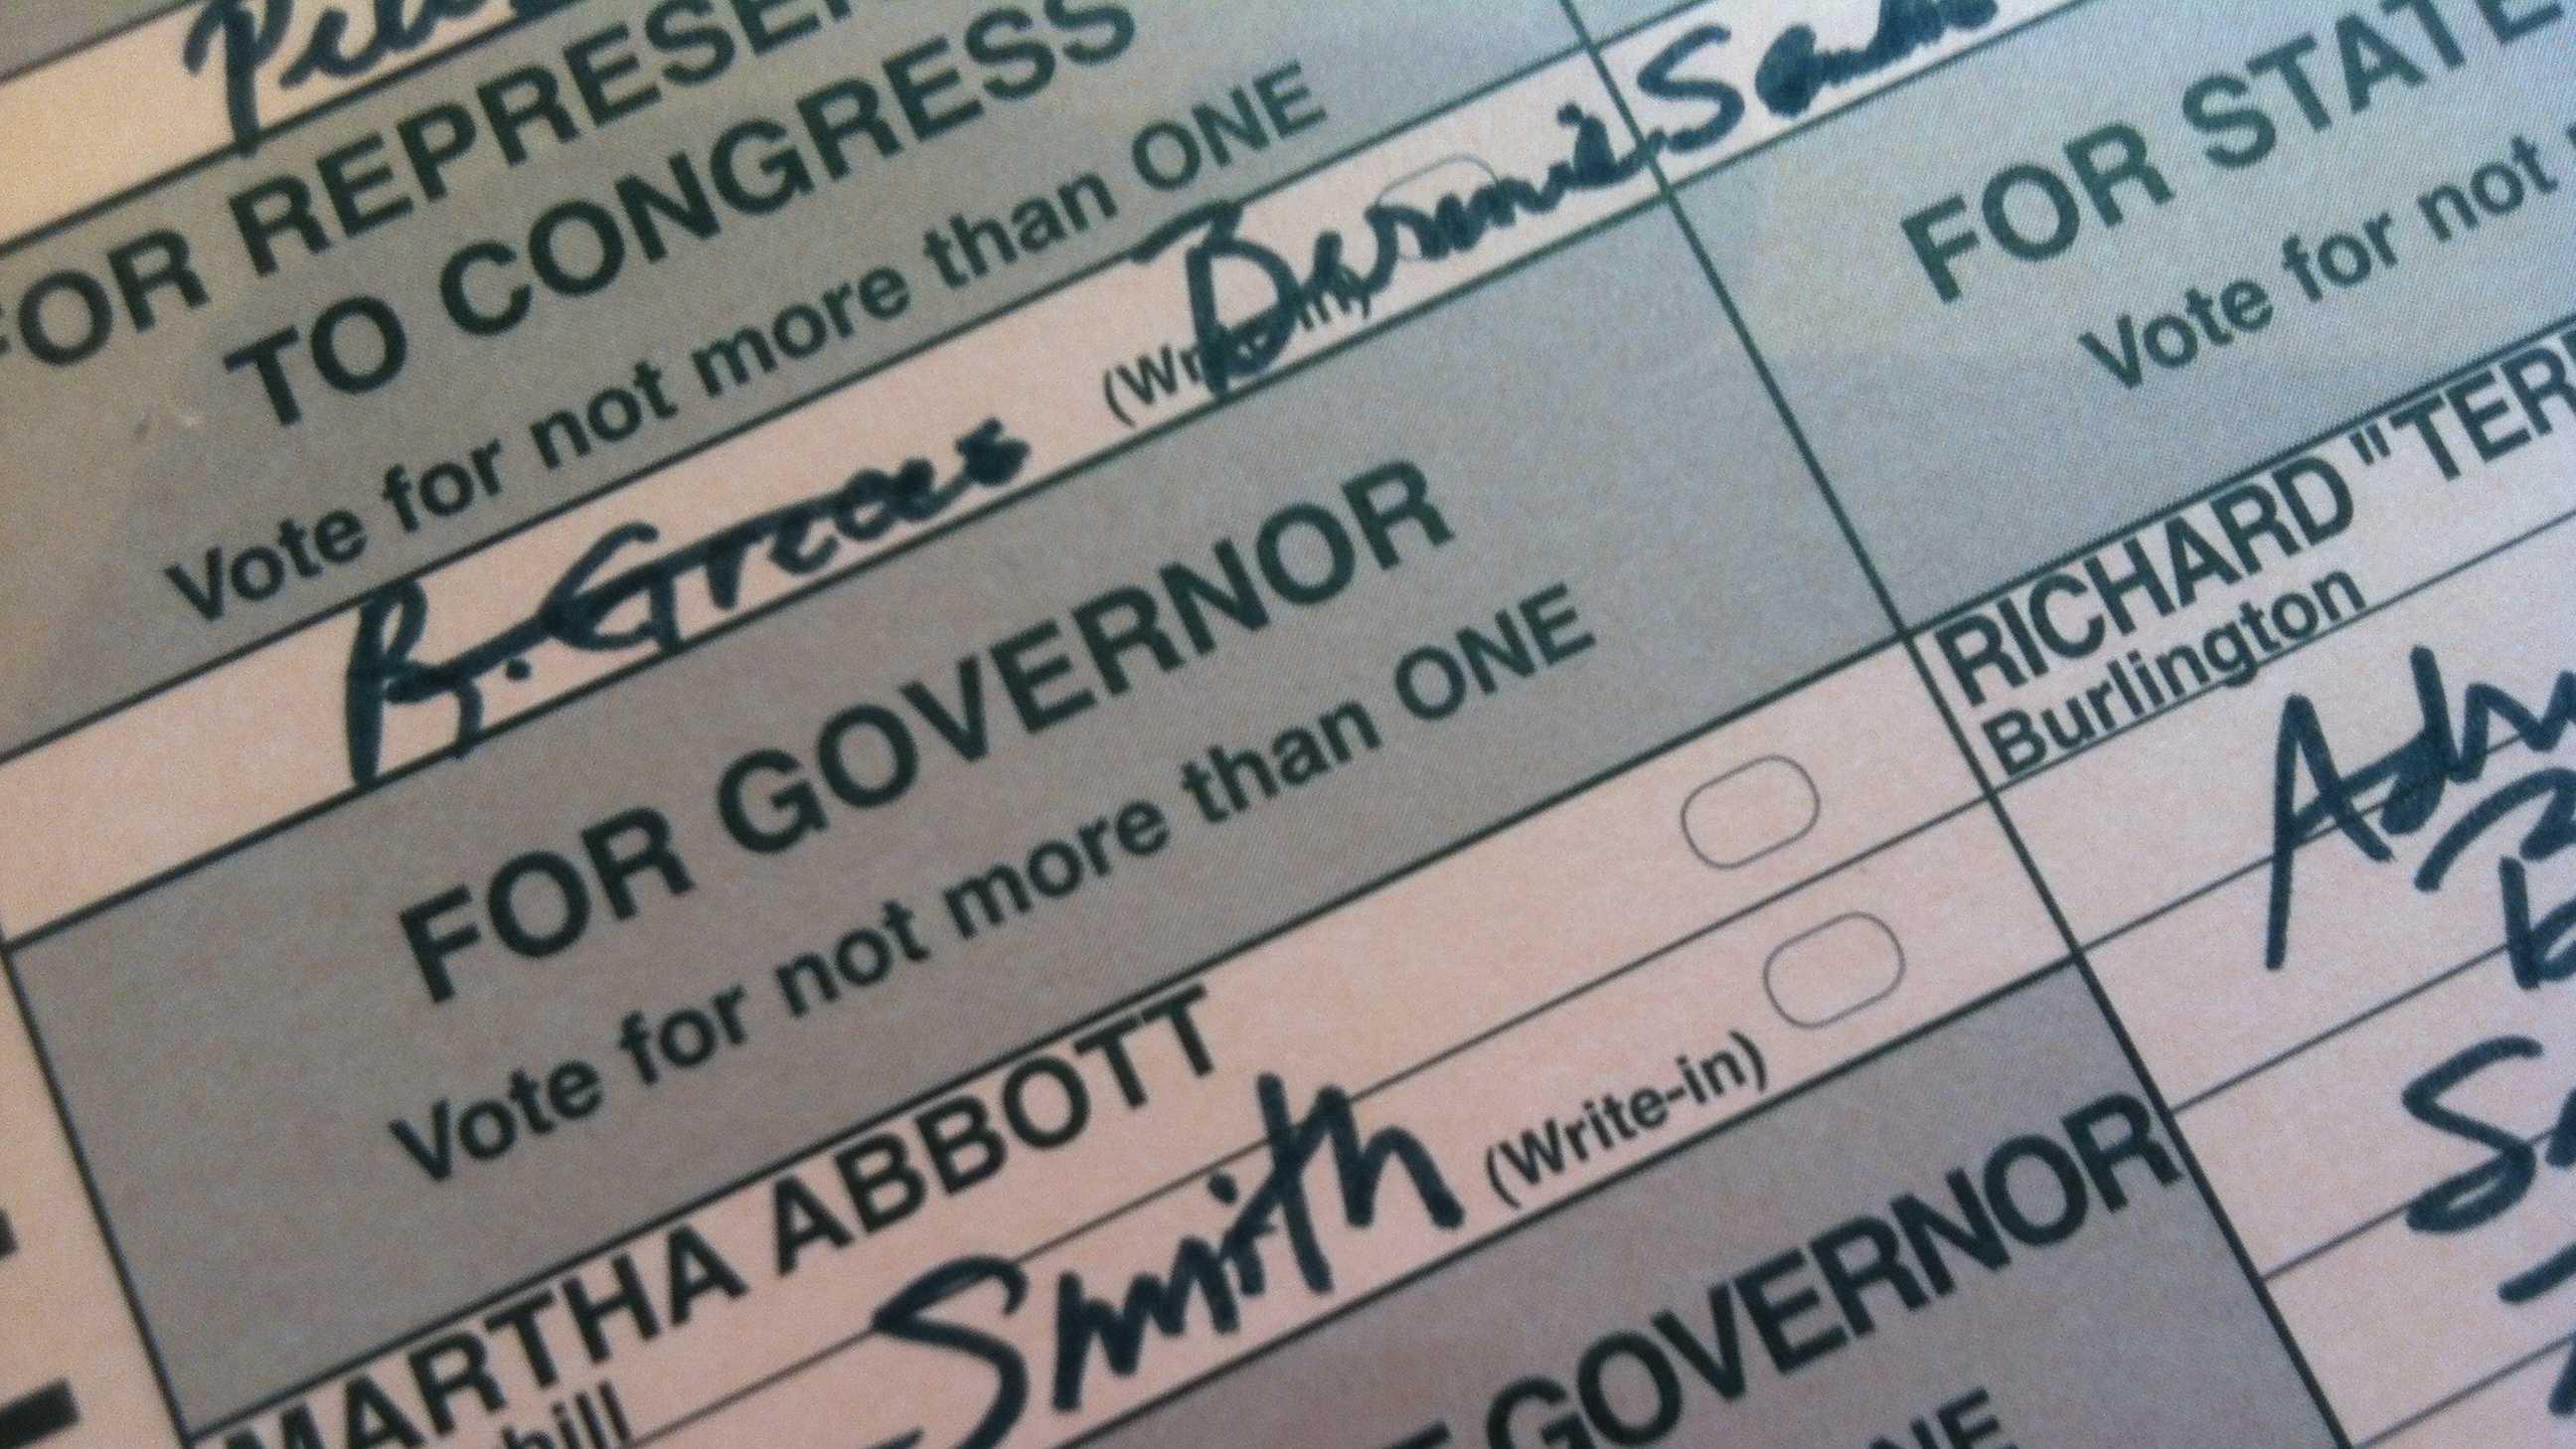 Contested Vote in Progressive Primary